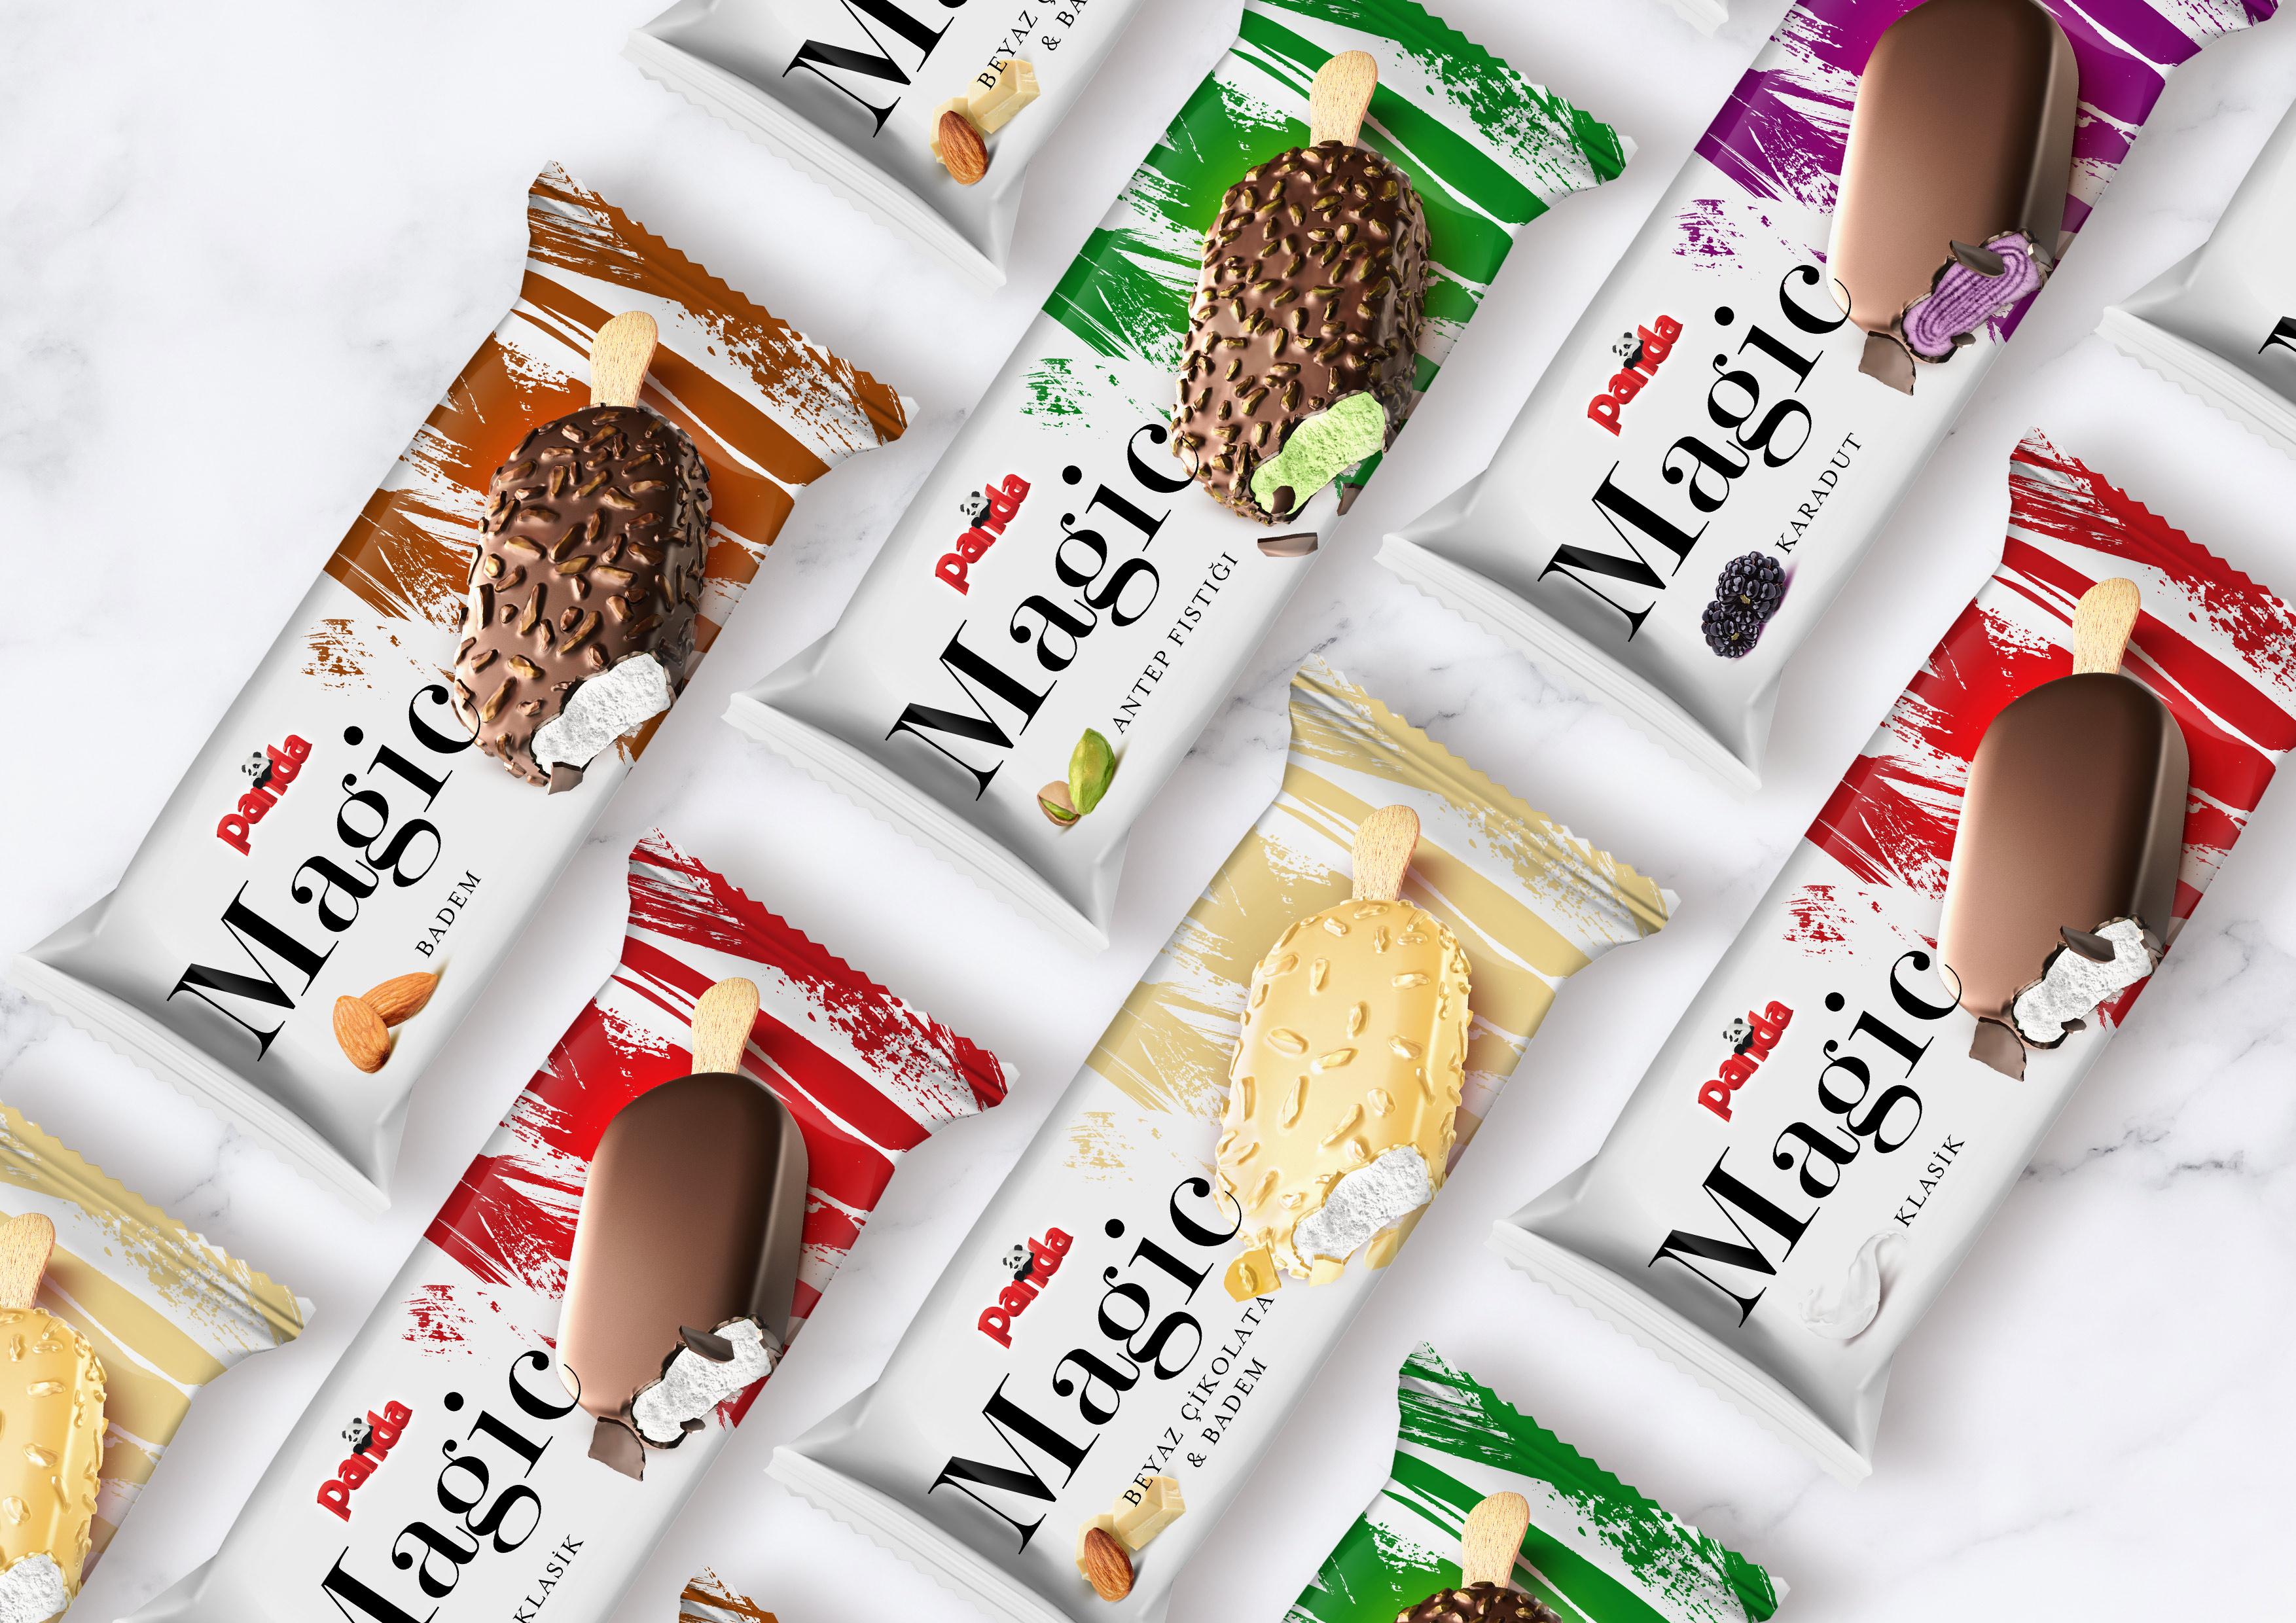 B12 Creative Branding Refresh the Packaging Design of Panda Magic Premium Ice Cream